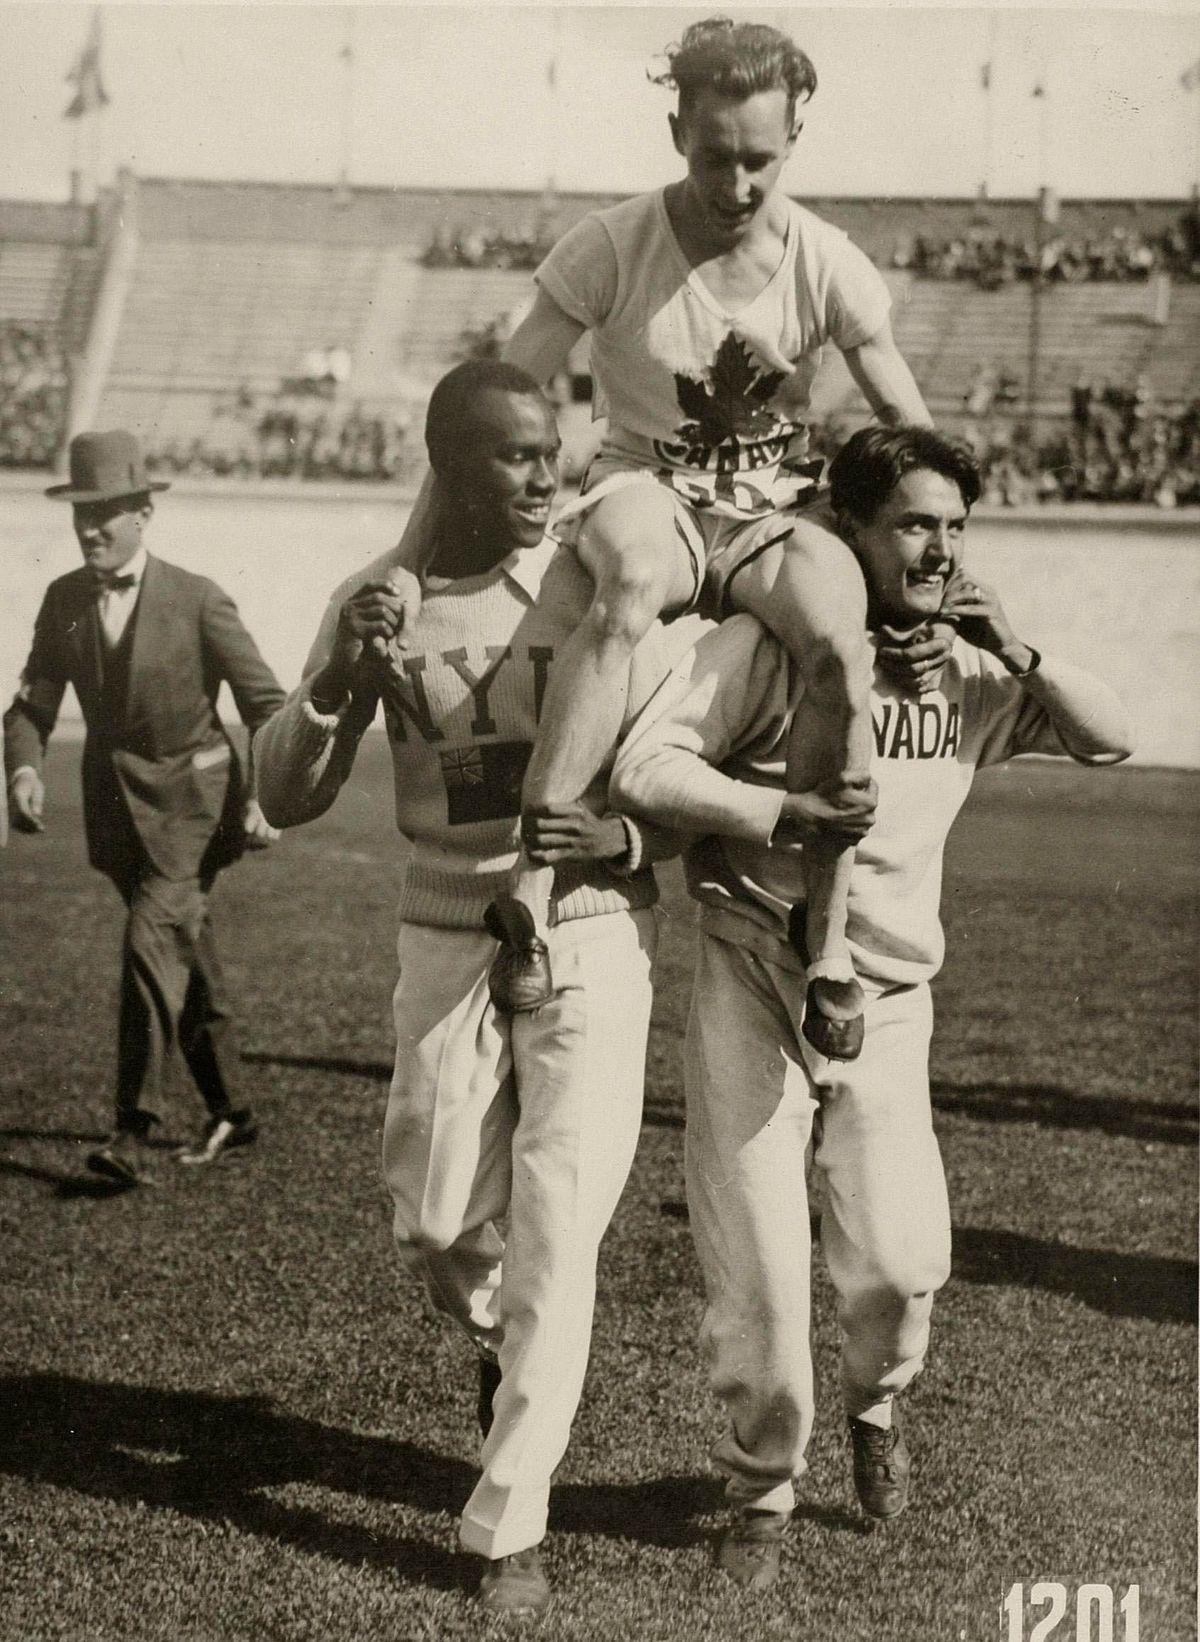 Atletiek op de Olympische Zomerspelen 1928 - Wikipedia